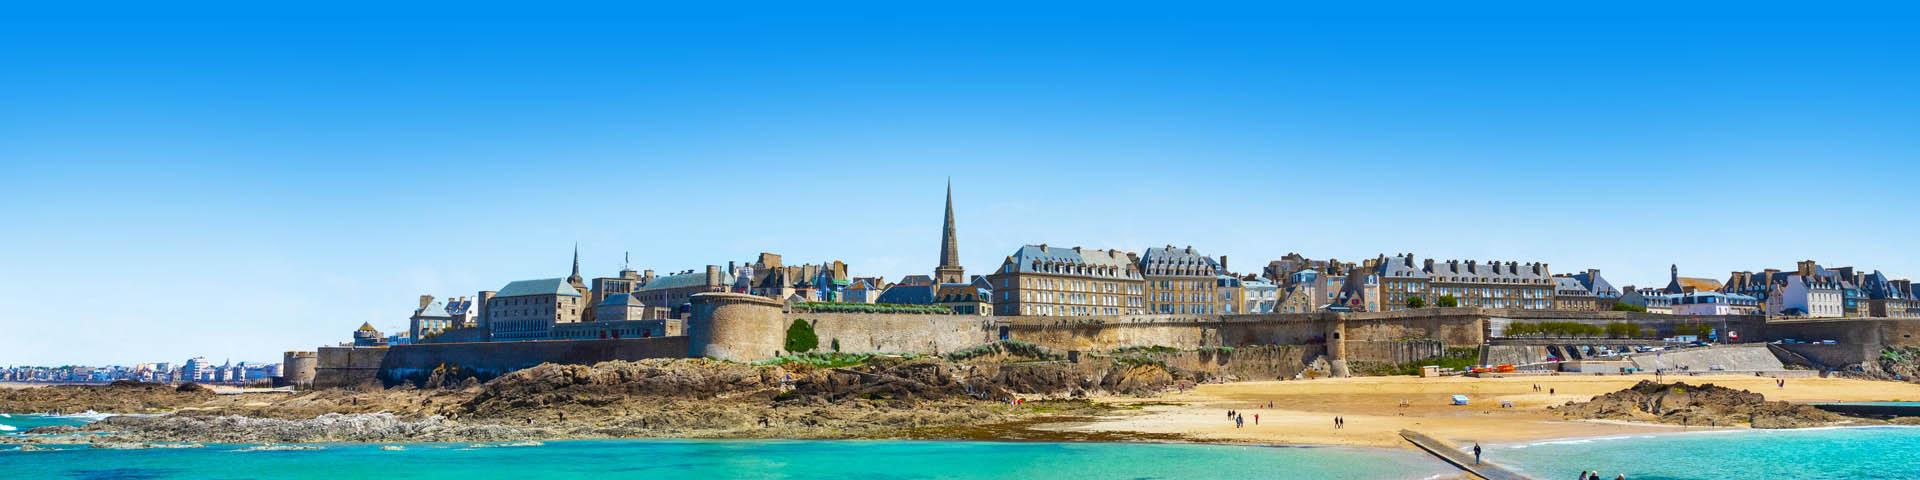 Stadsmuren met uitzicht op een kerk, met prachtig blauw water in Frankrijk.